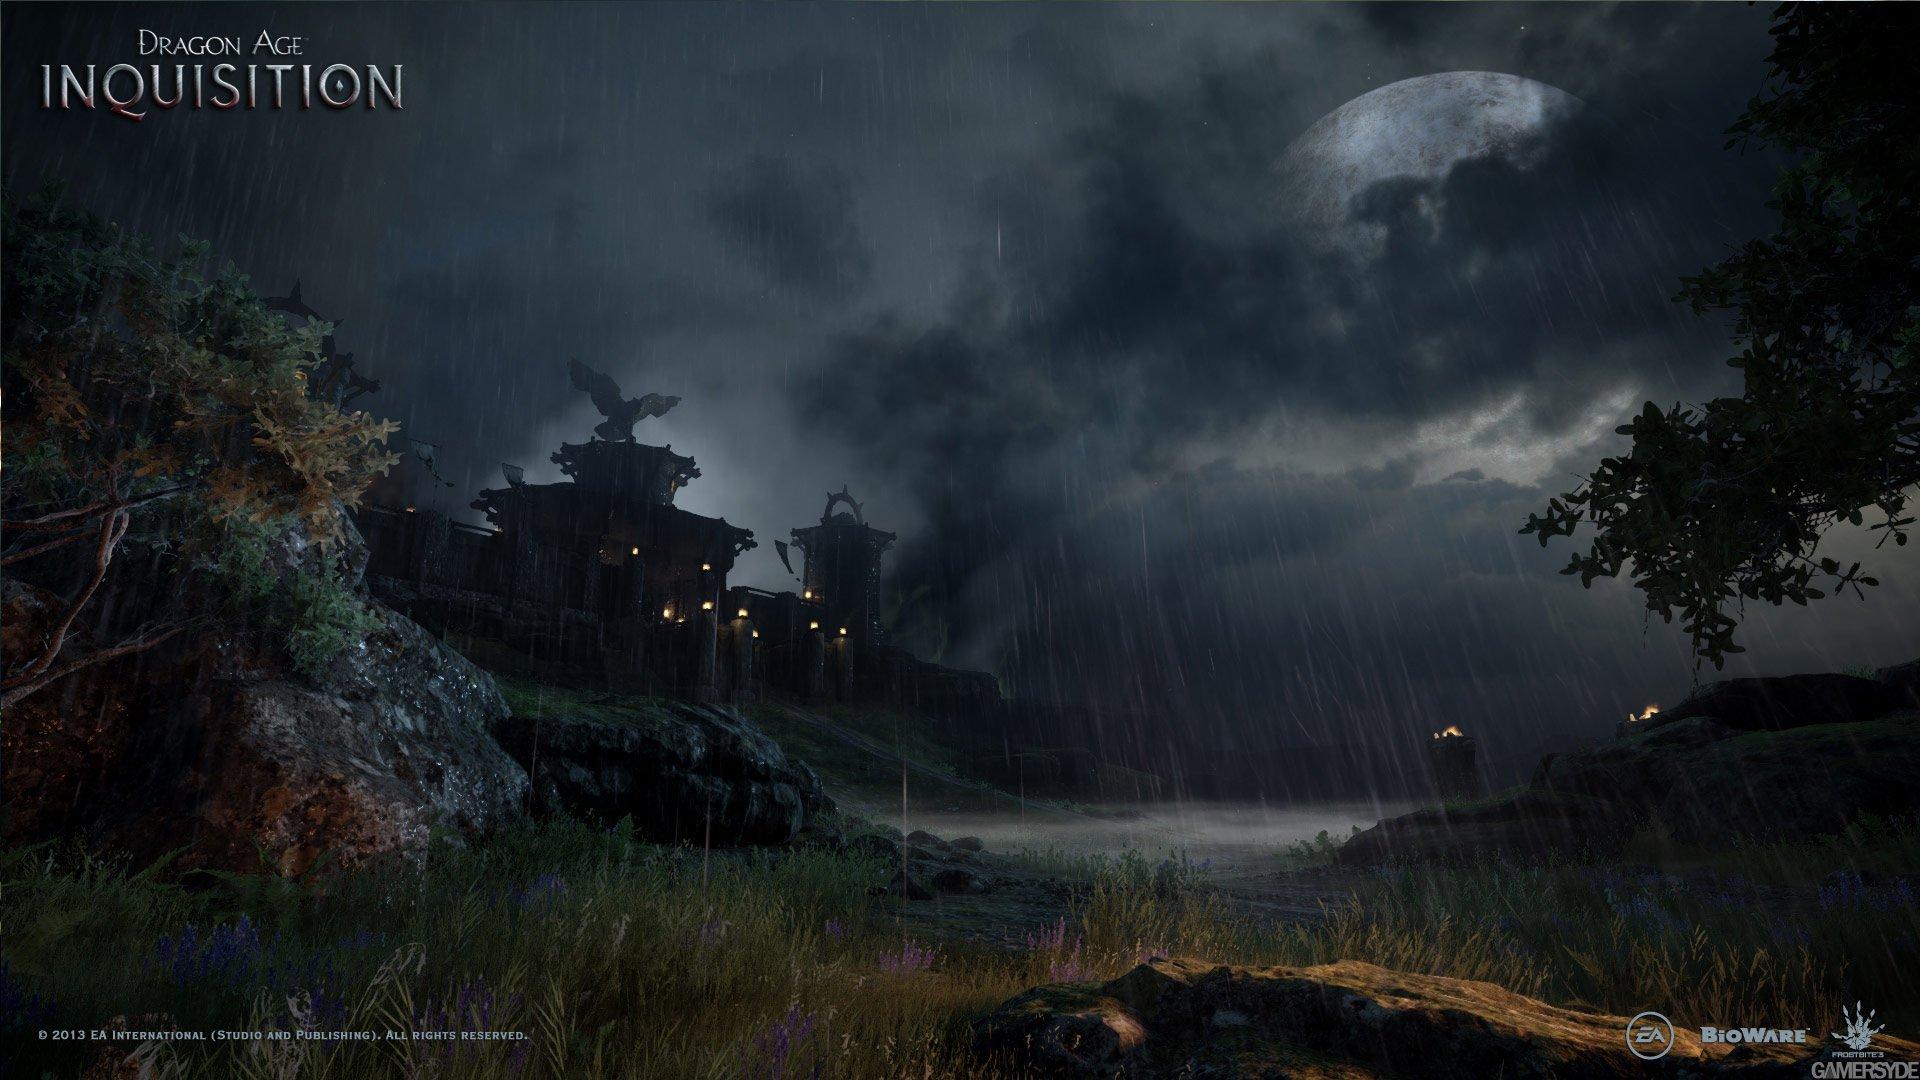 Исследование открытого мира в Dragon Age Inquisition не будет столь же обширным, как в Skyrim. - Изображение 1